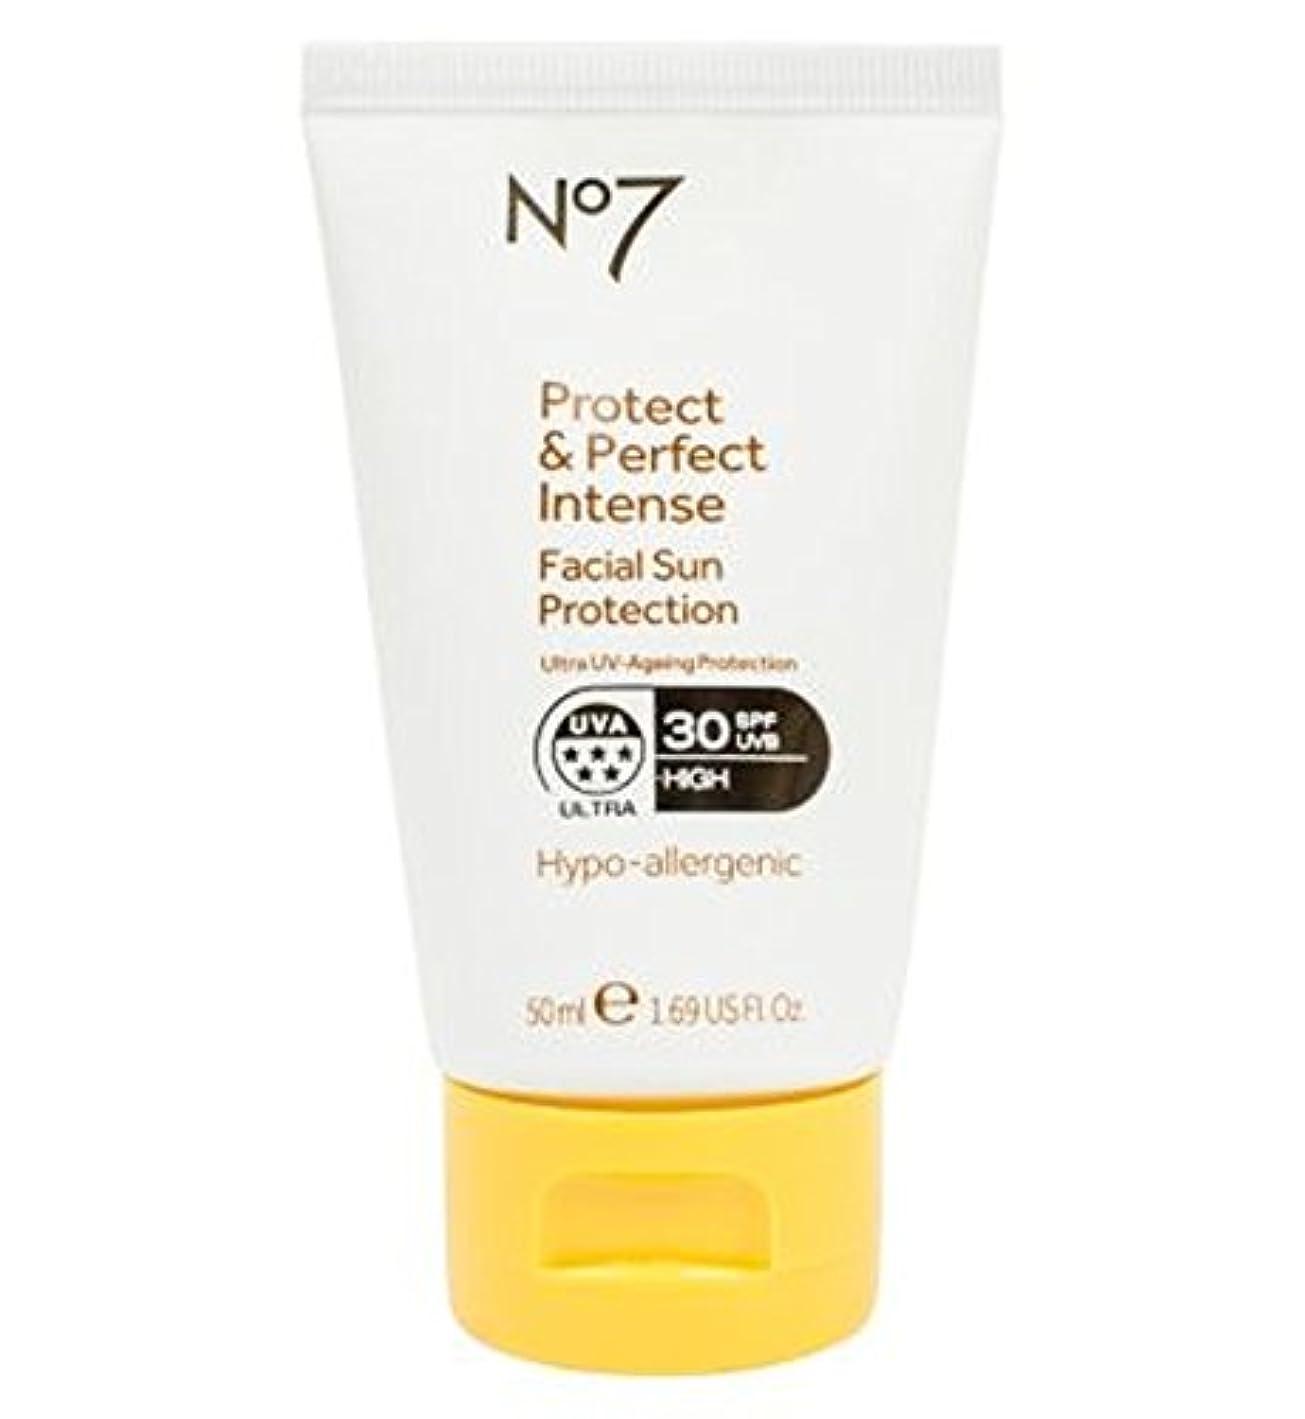 避難イチゴ妥協No7 Protect & Perfect Intense Facial Sun Protection SPF 30 50ml - No7保護&完璧な強烈な顔の日焼け防止Spf 30 50ミリリットル (No7) [並行輸入品]